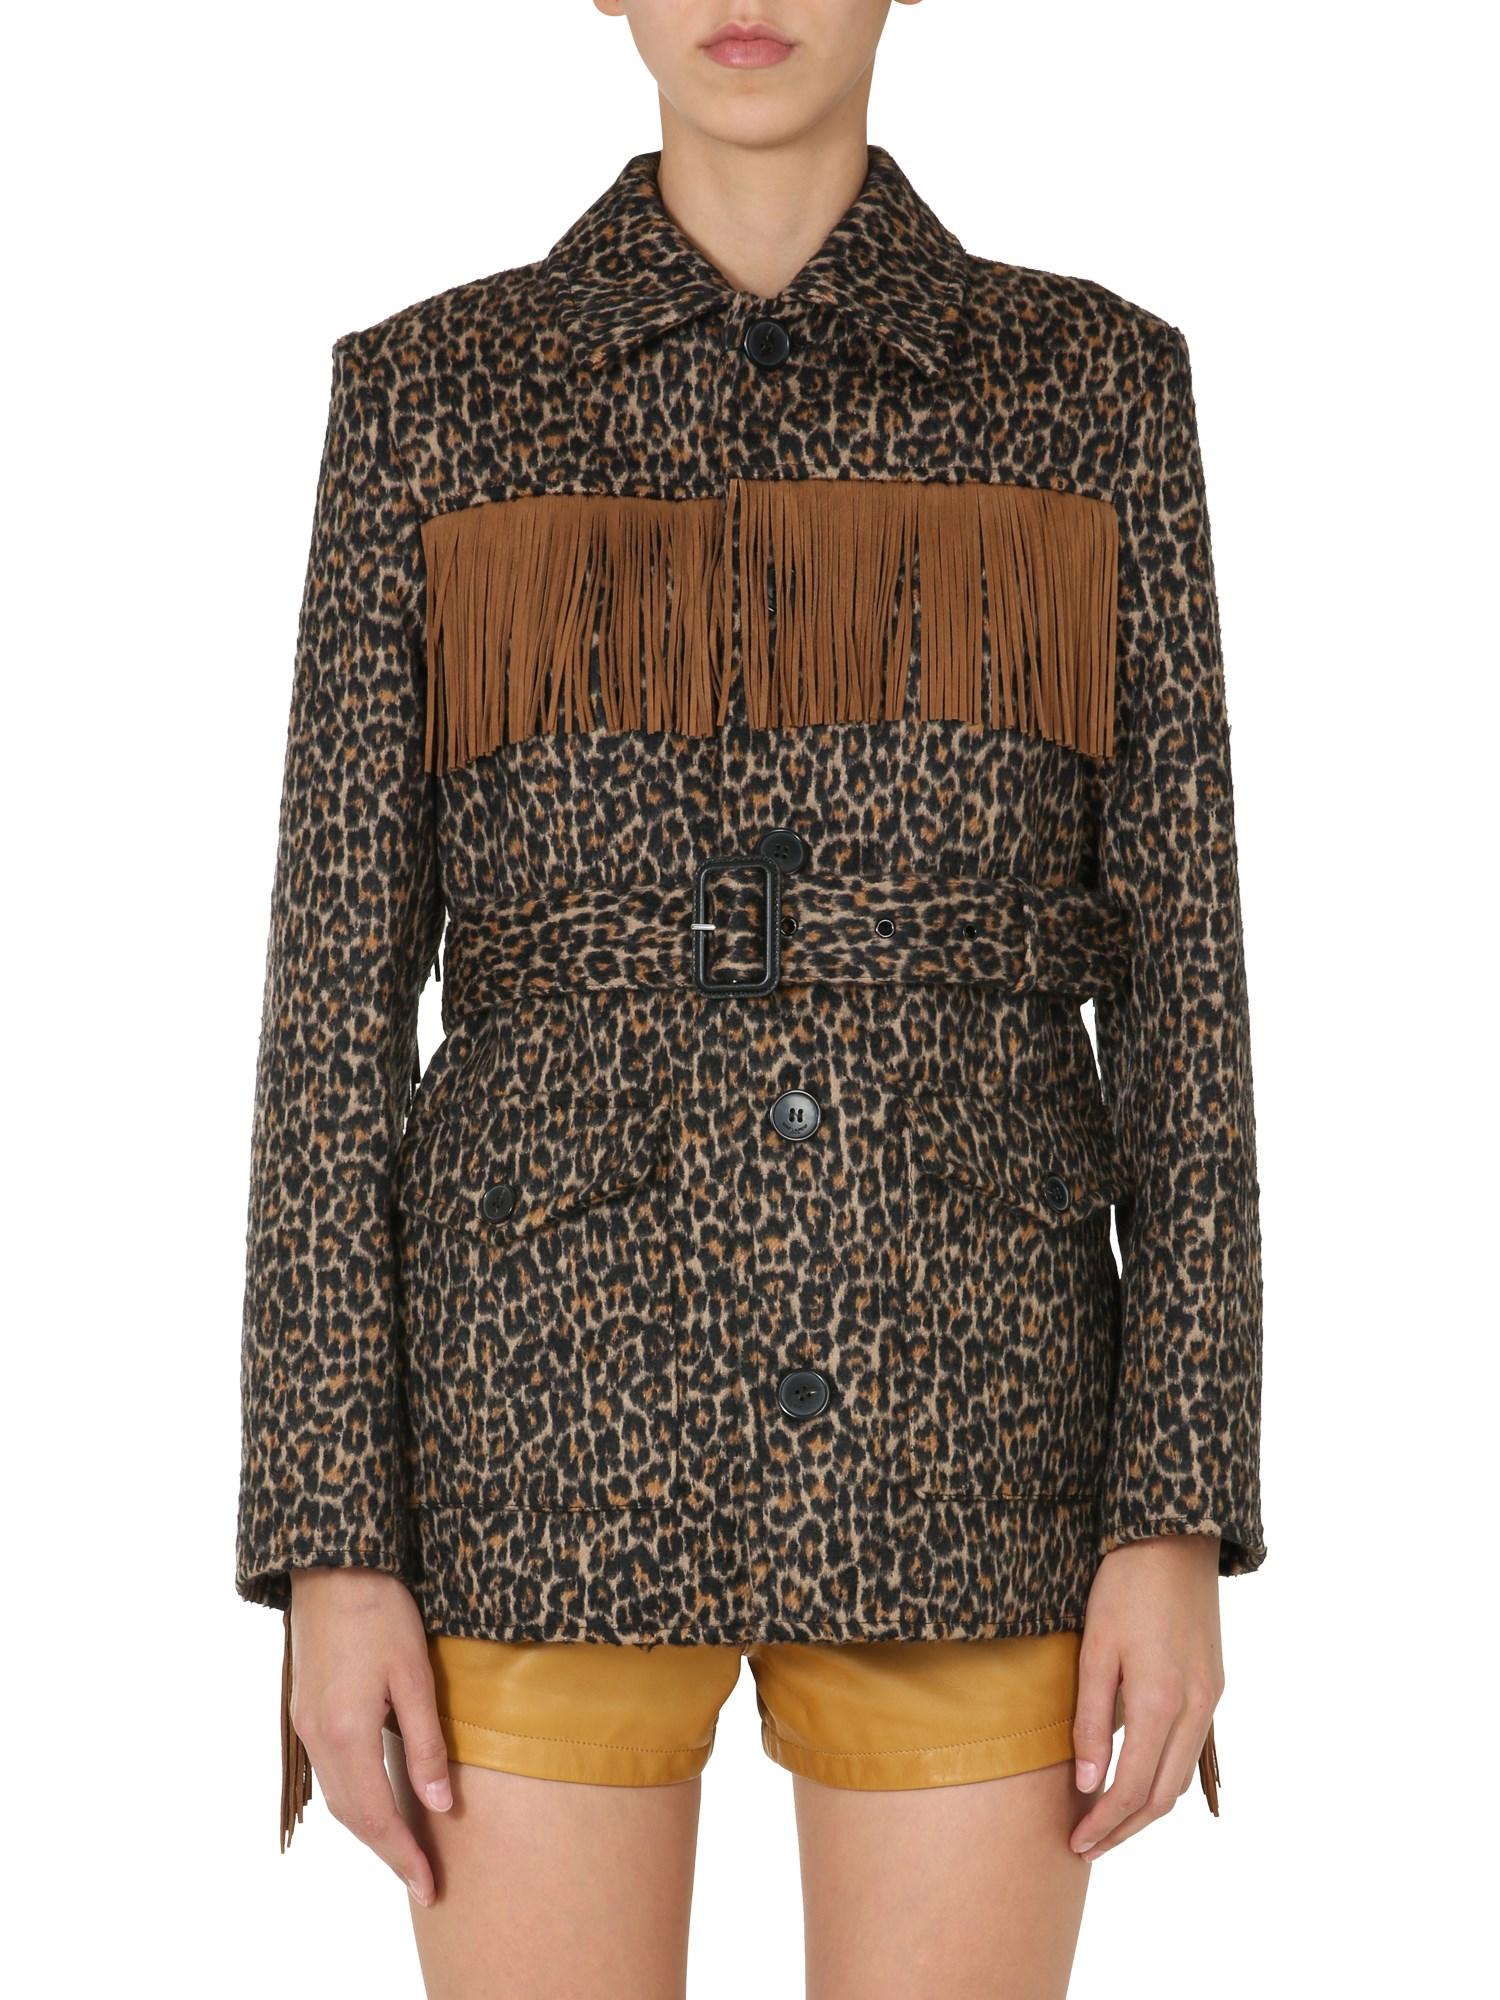 Saint Laurent Clothing JACKET WITH FRINGES